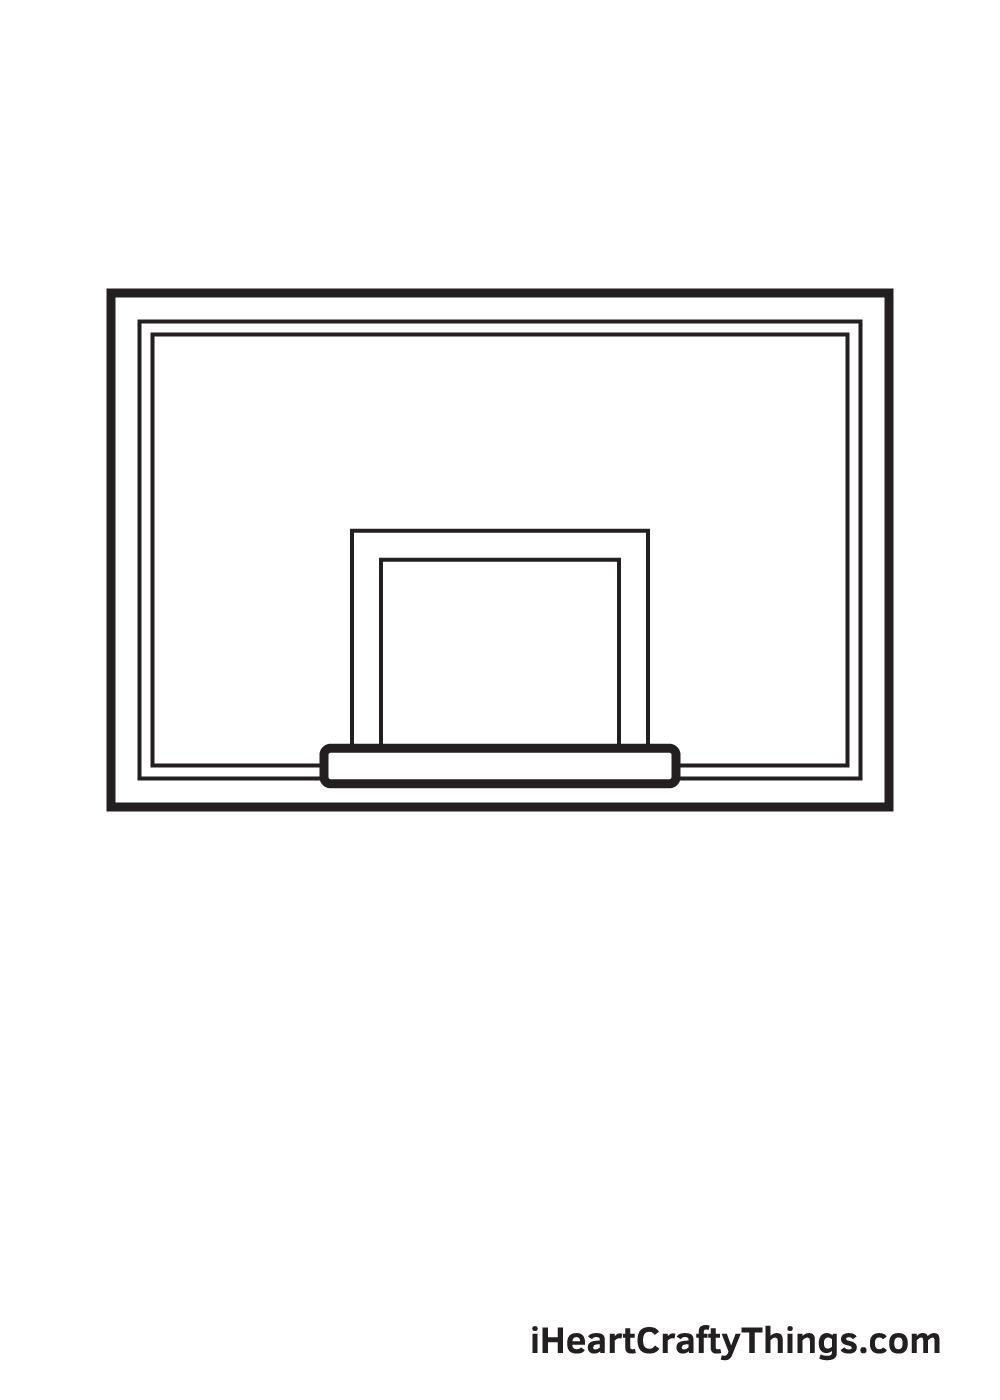 basketball hoop drawing step 5